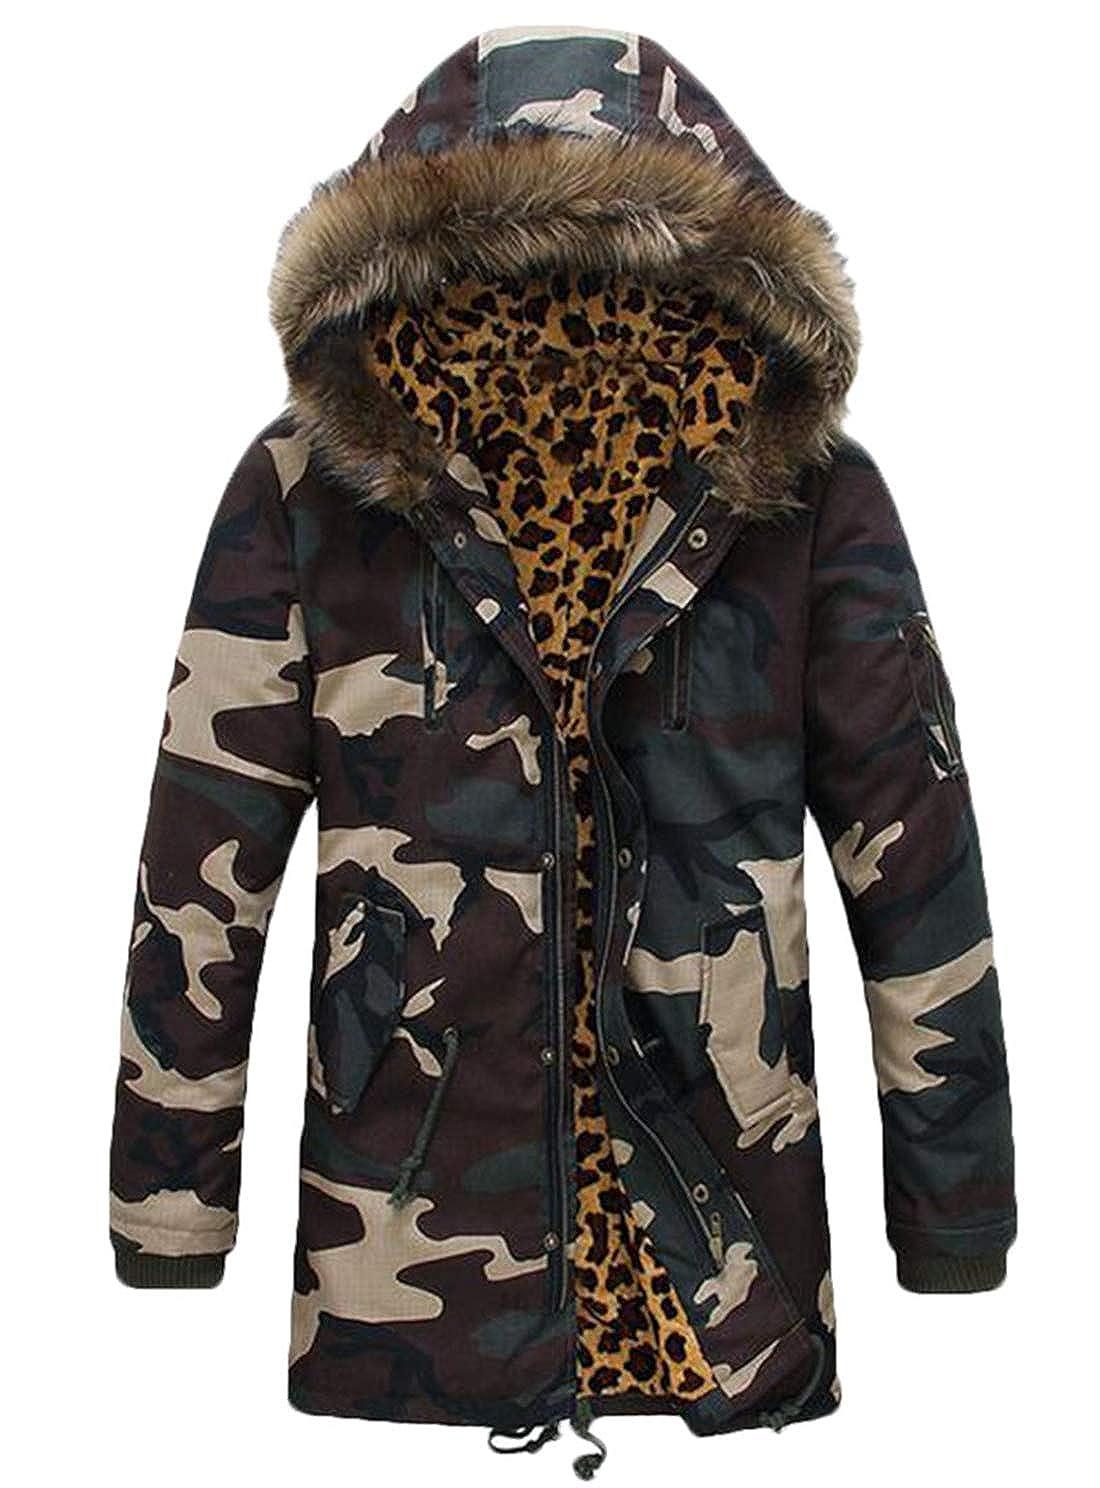 XiaoTianXinMen XTX Mens Winter Faux Fur Collar Warm Fleece Lined Thicken Camo Jacket Overcoat